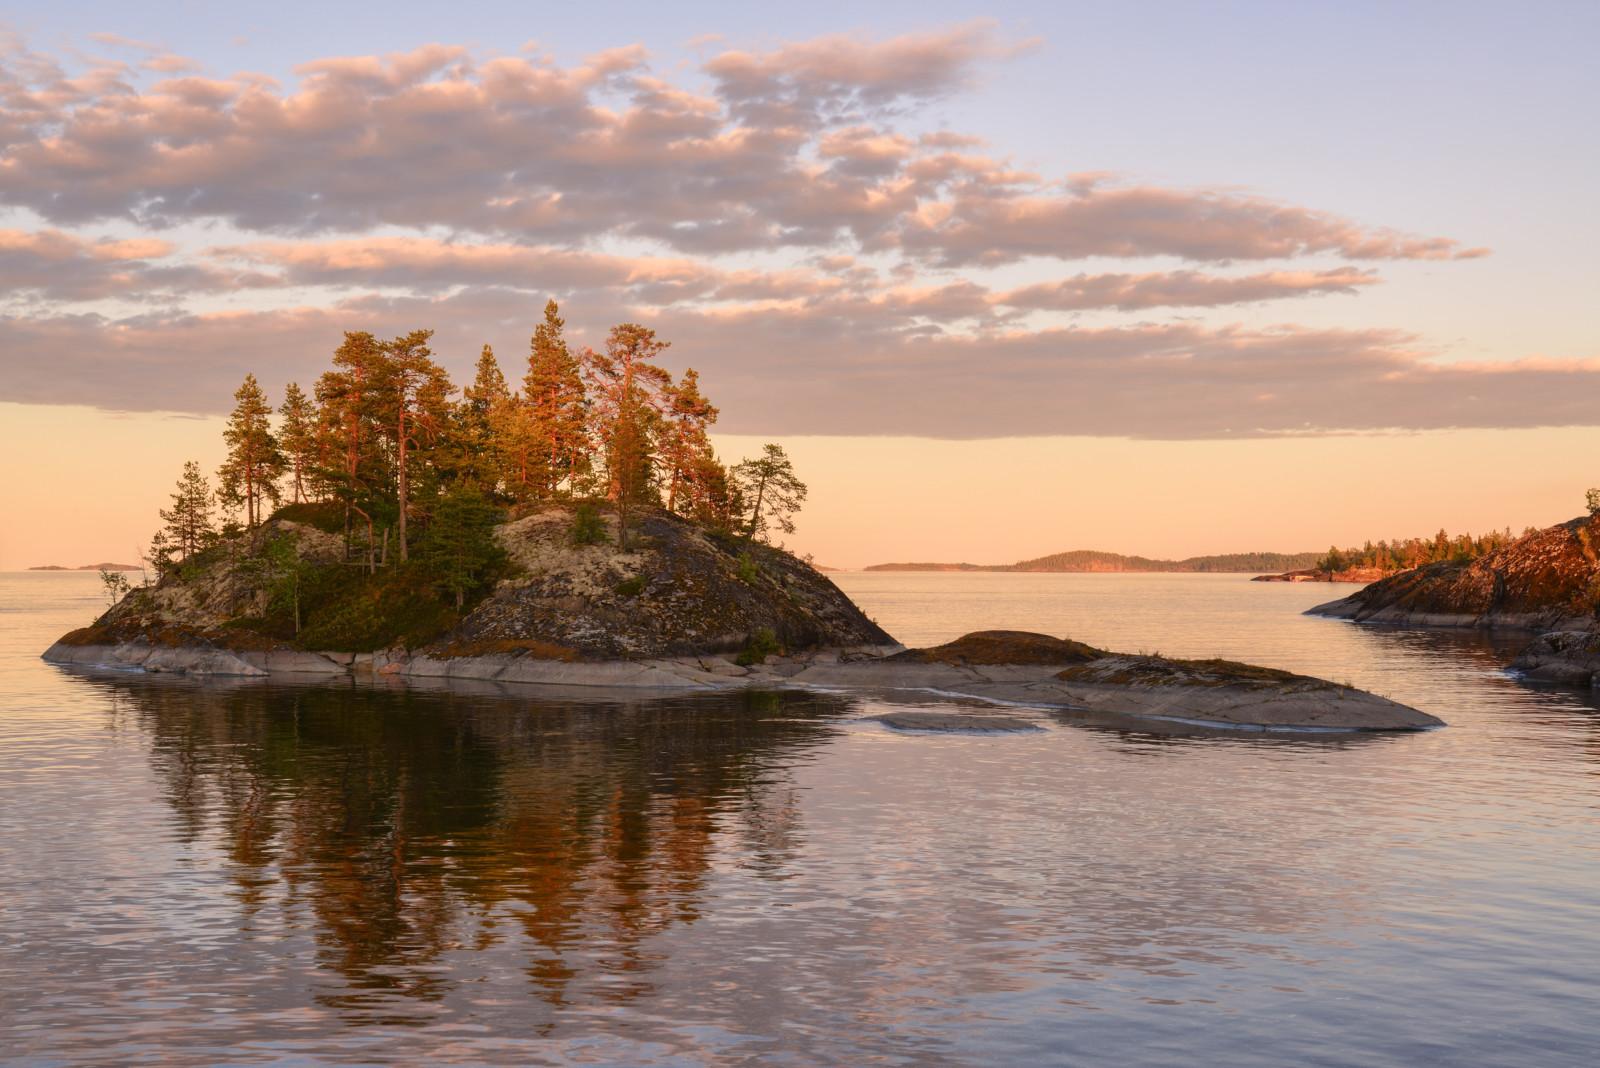 Рыбаки застряли на острове